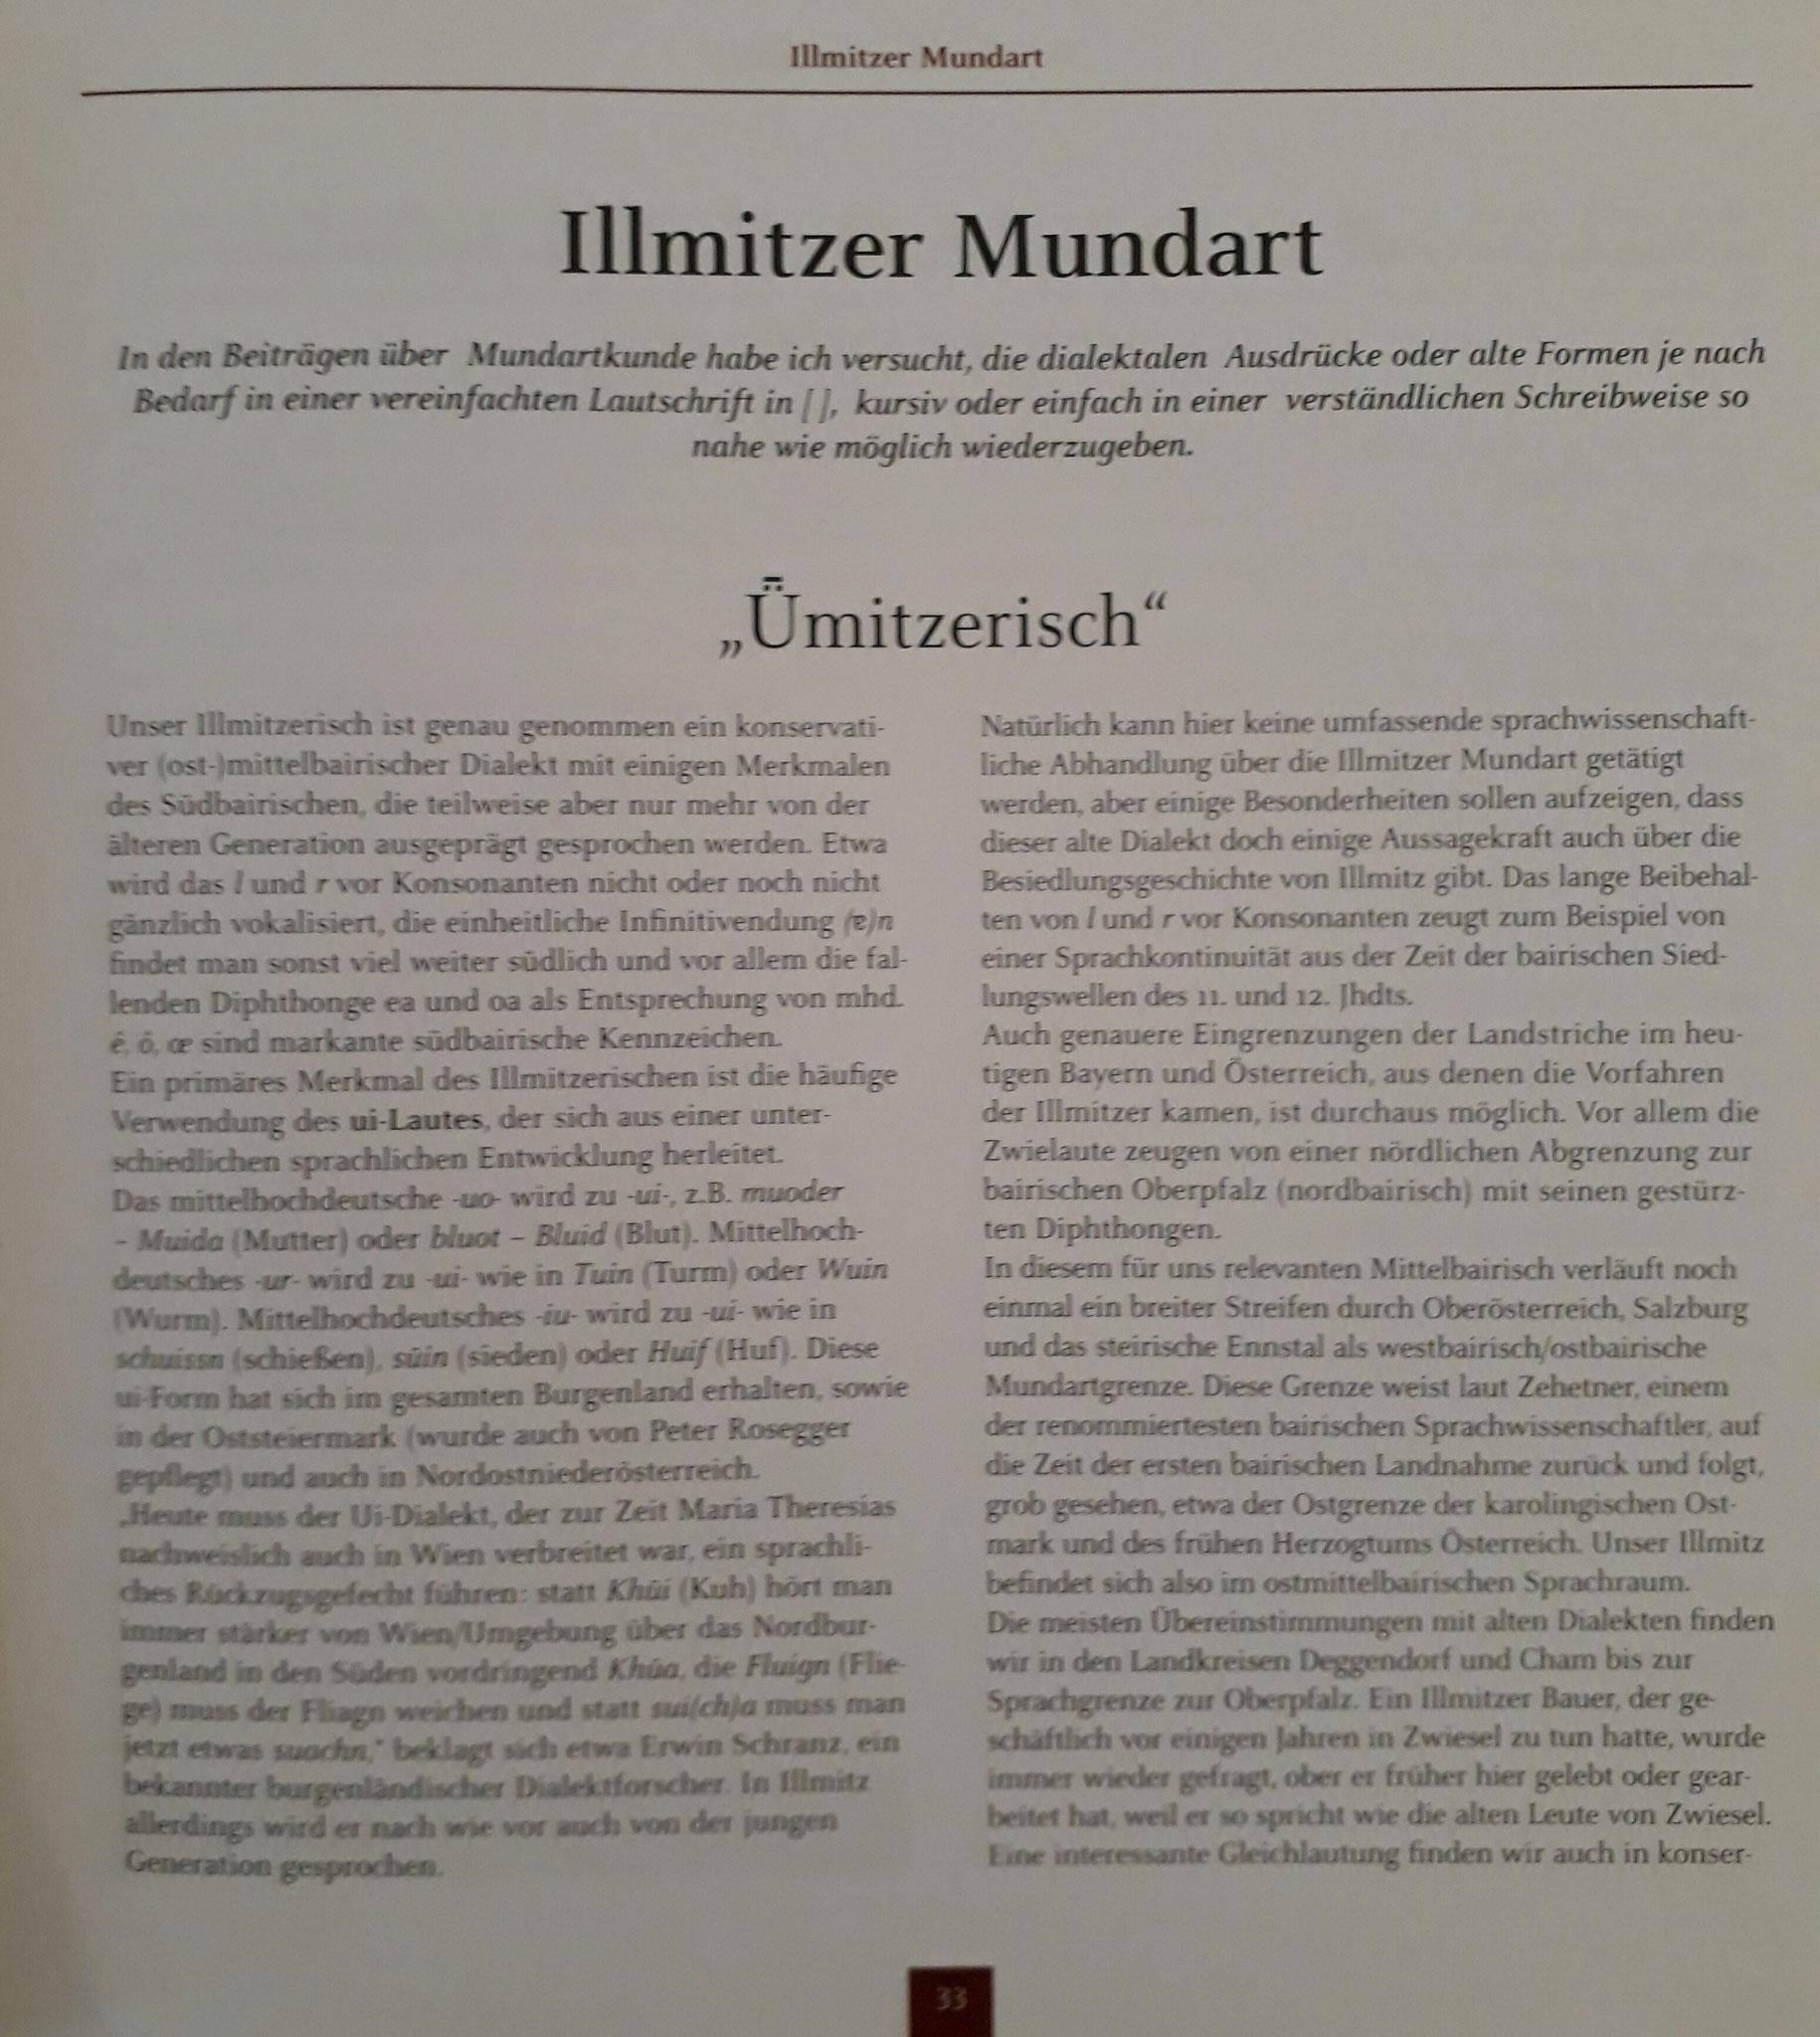 Illmitzer Mundart